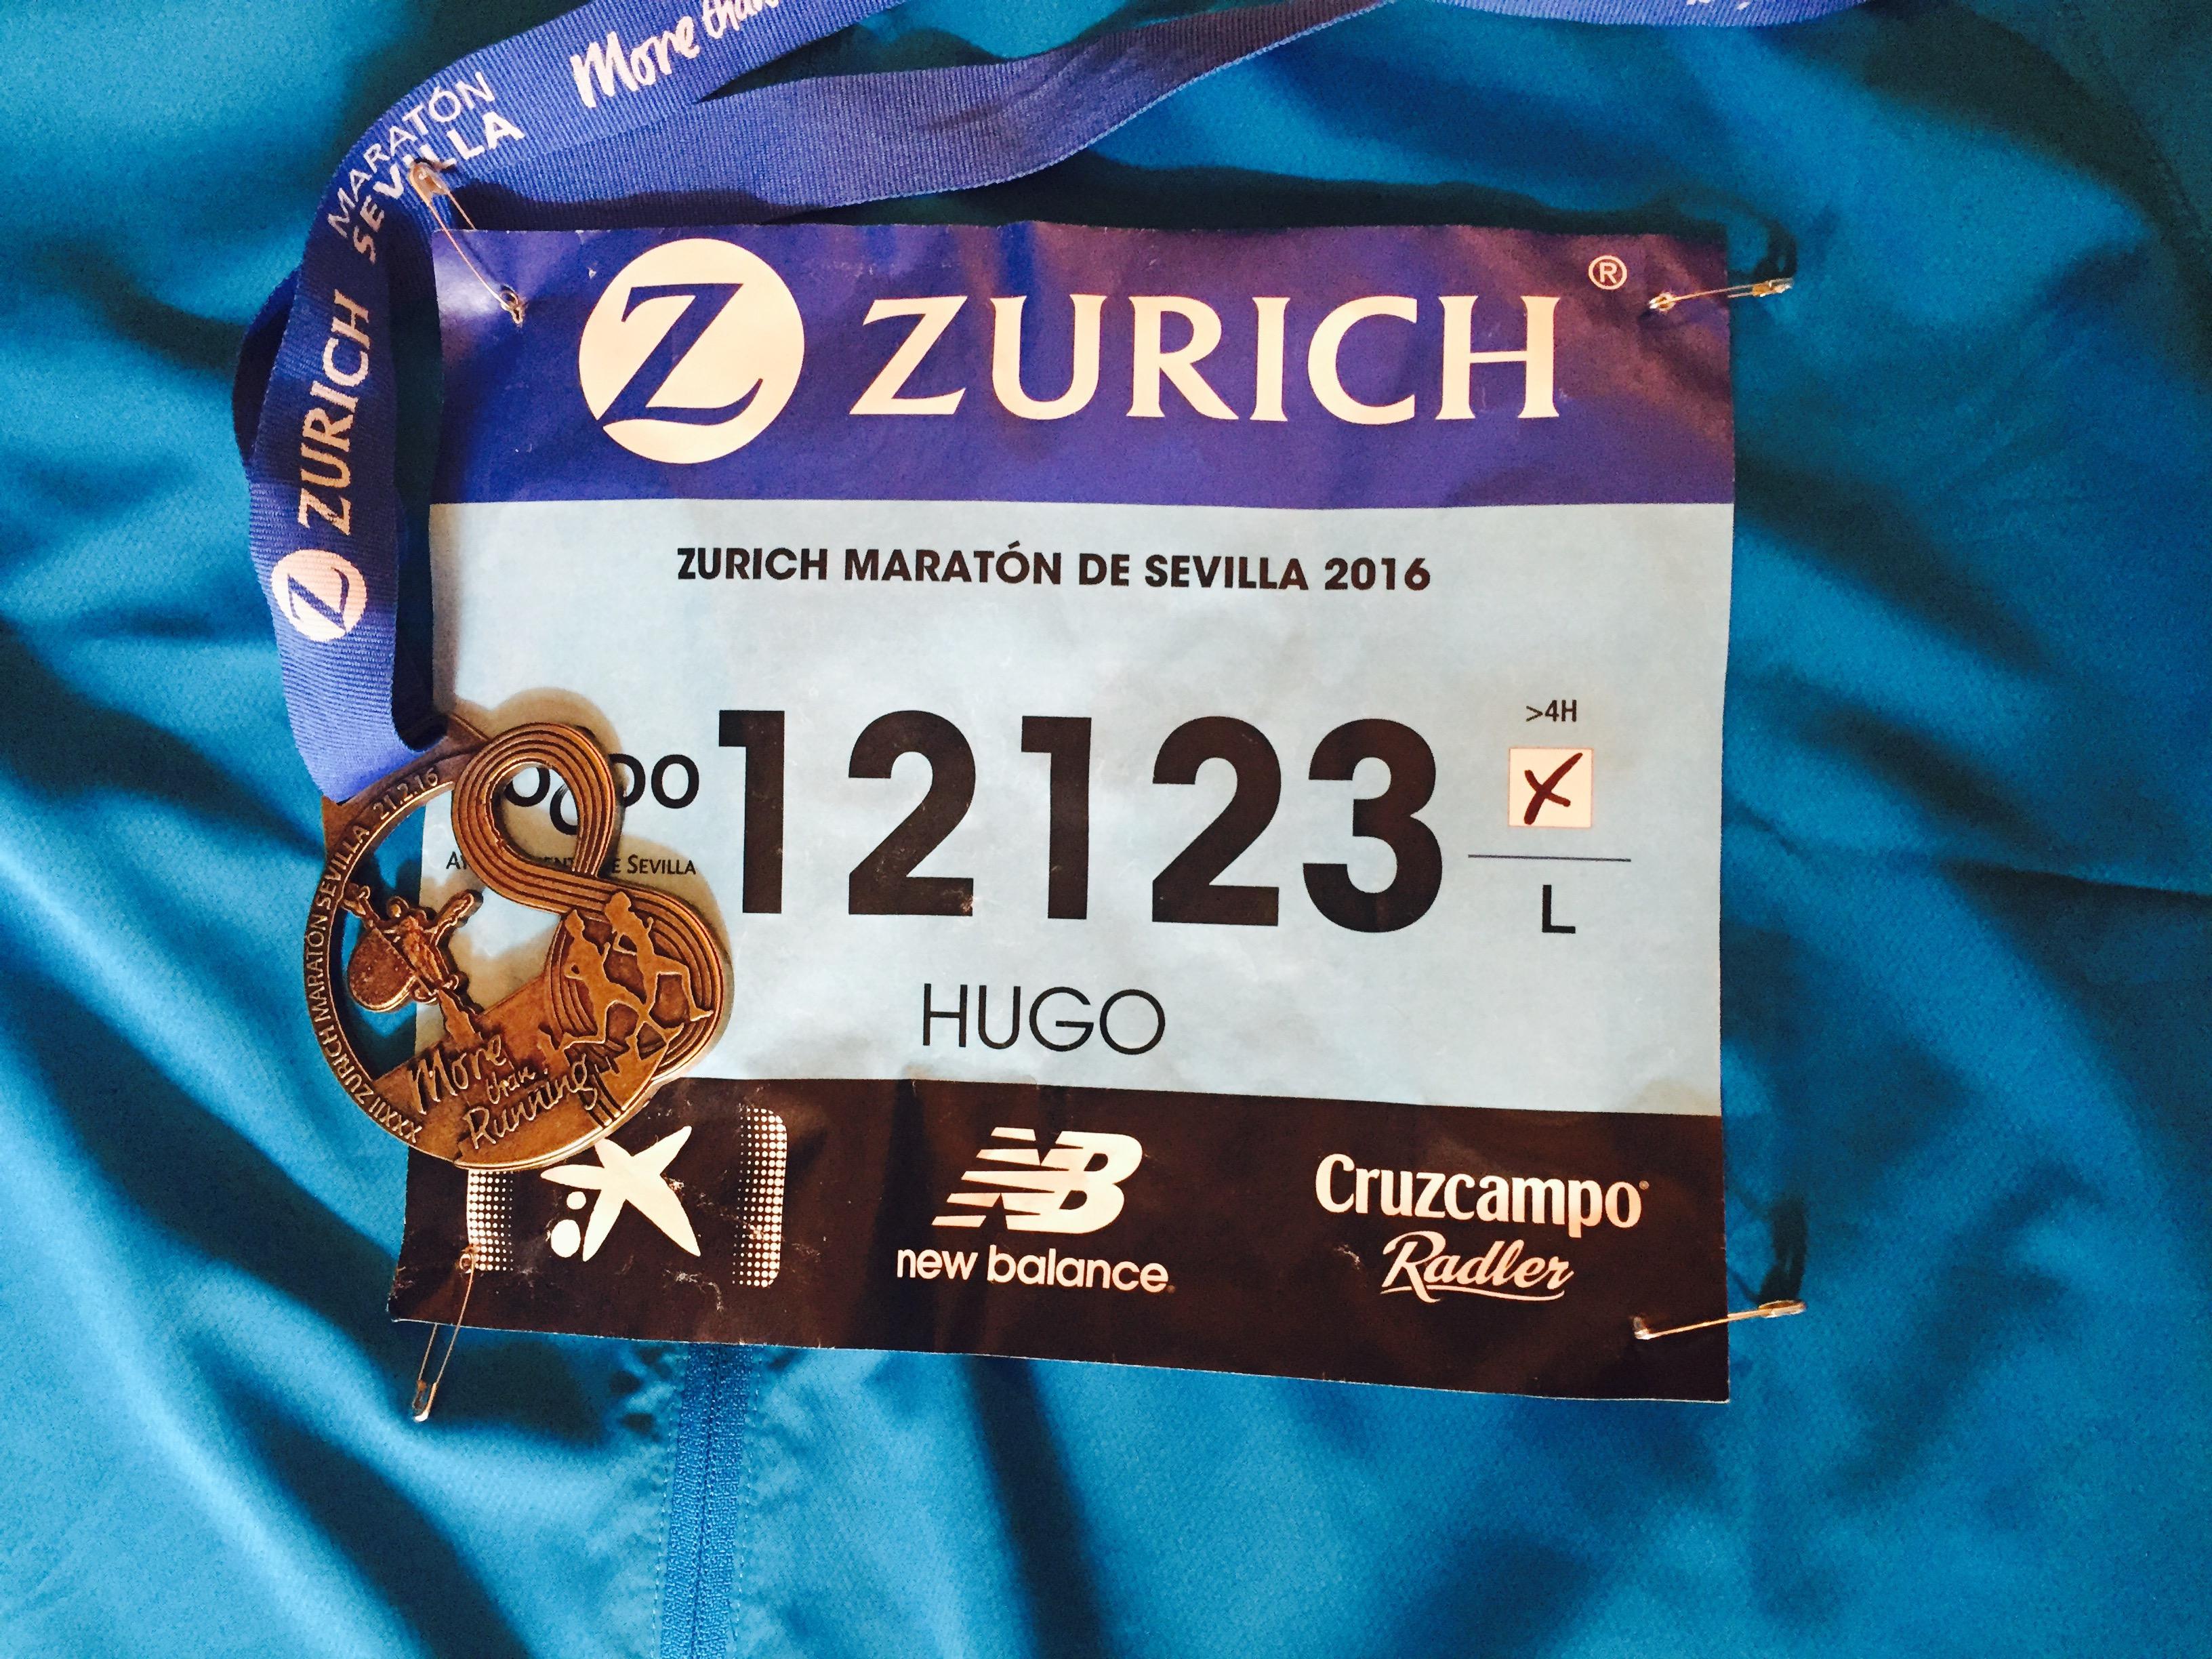 Medalla de mi primer maratón